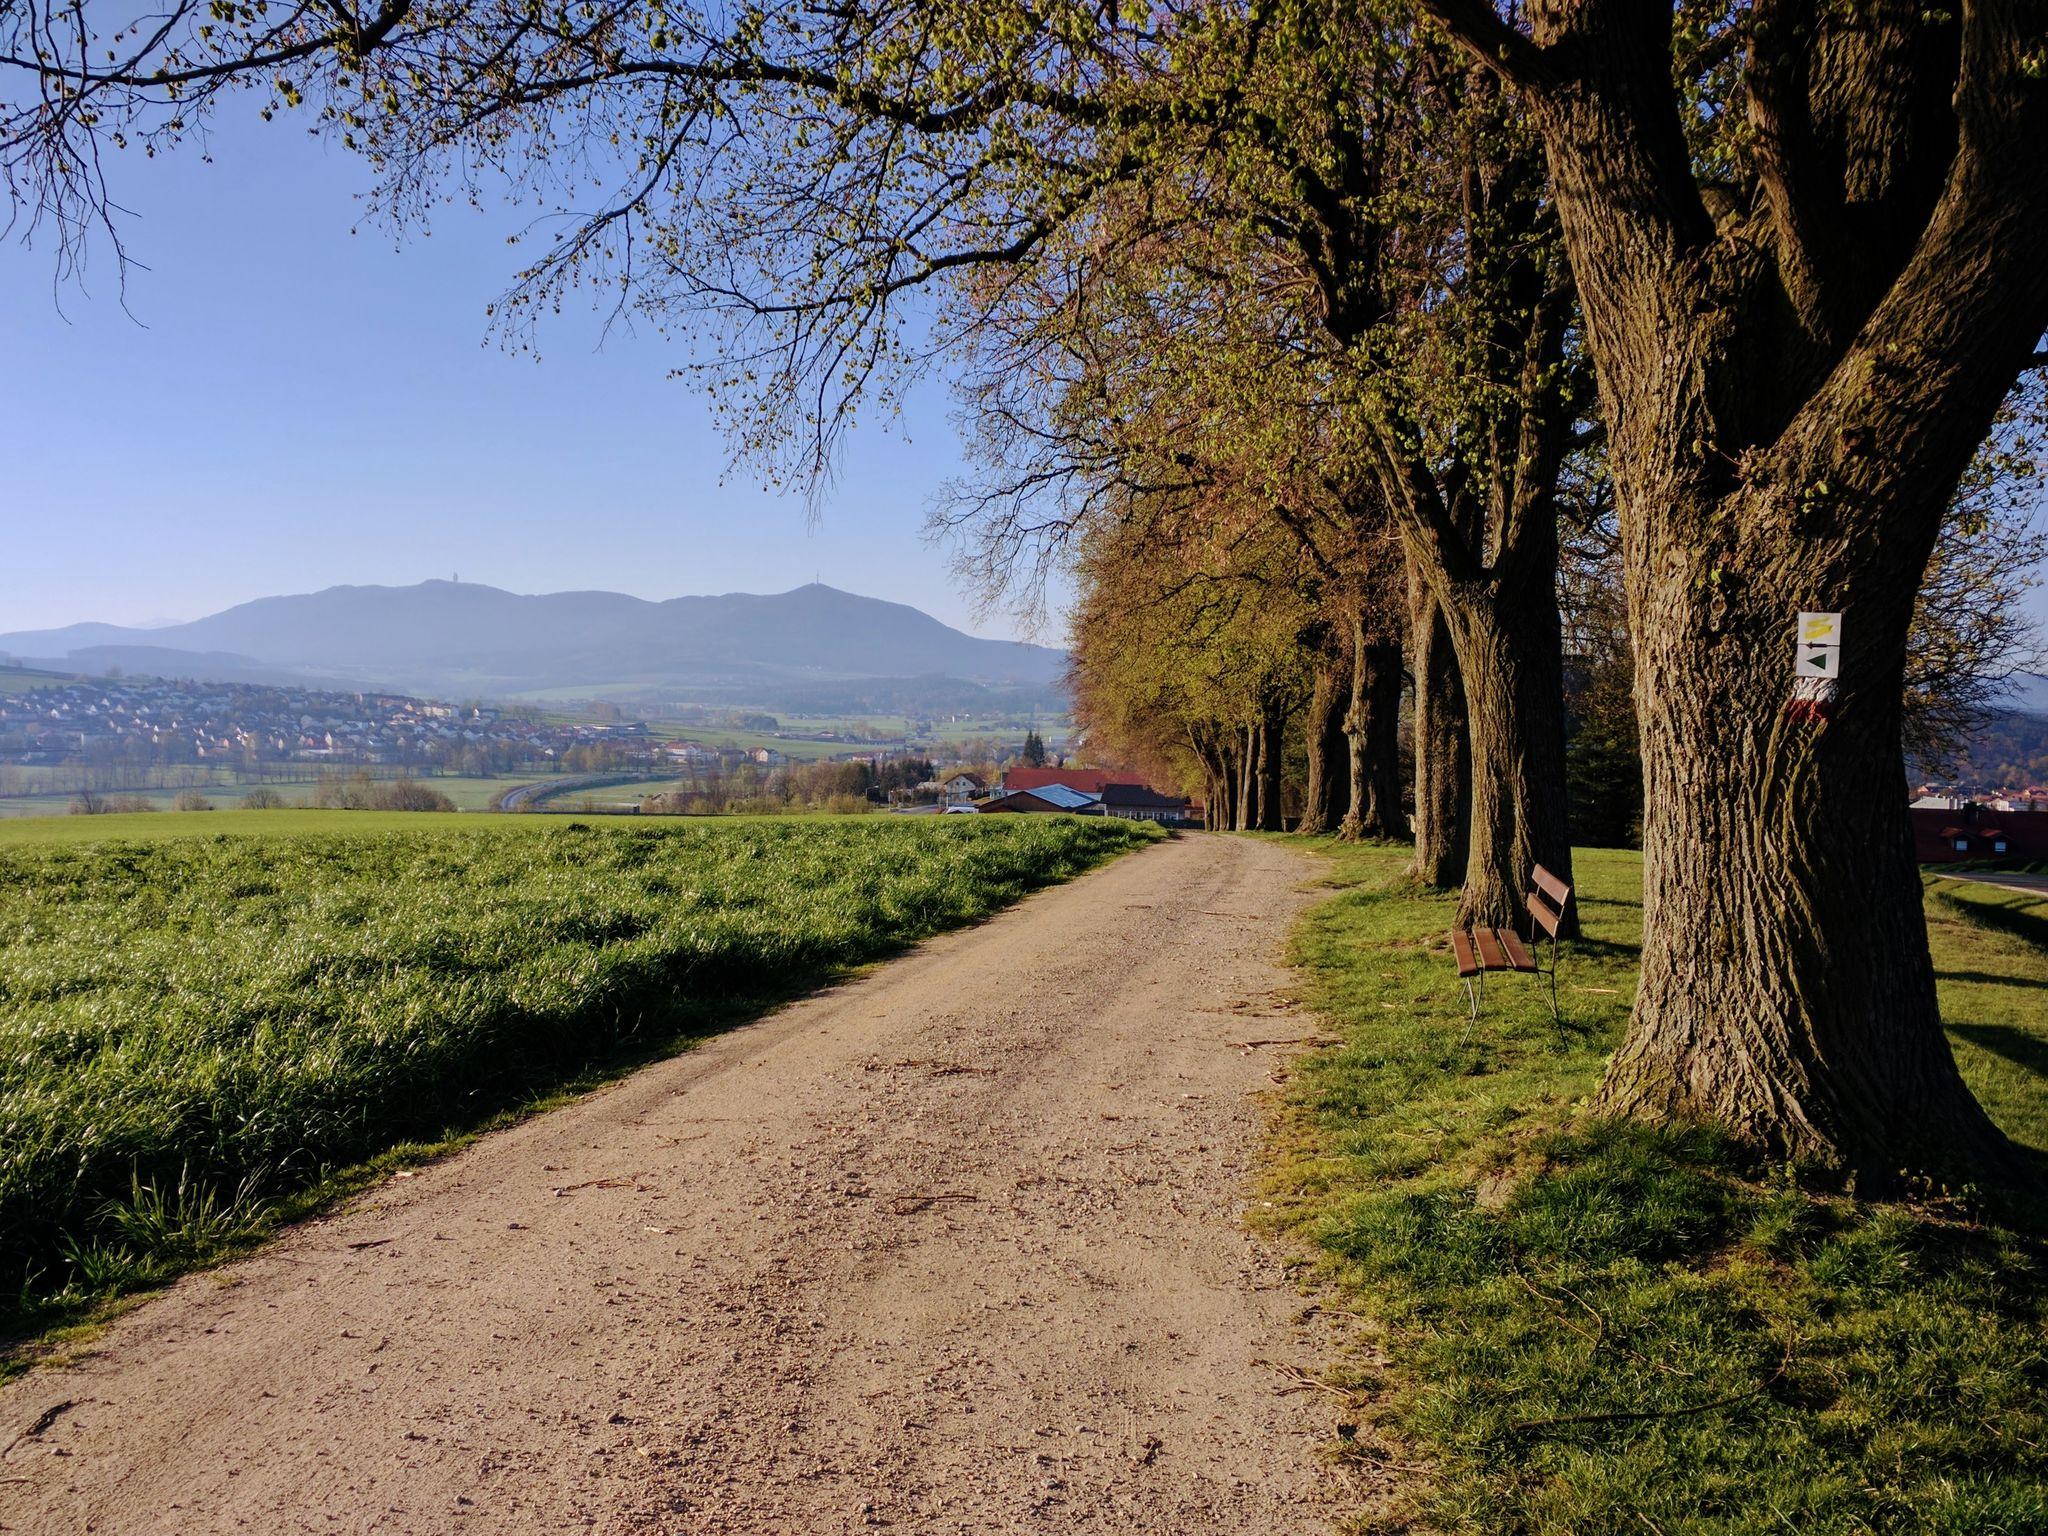 Blick zurück auf Furth im Wald und auf den Hohen Bogen